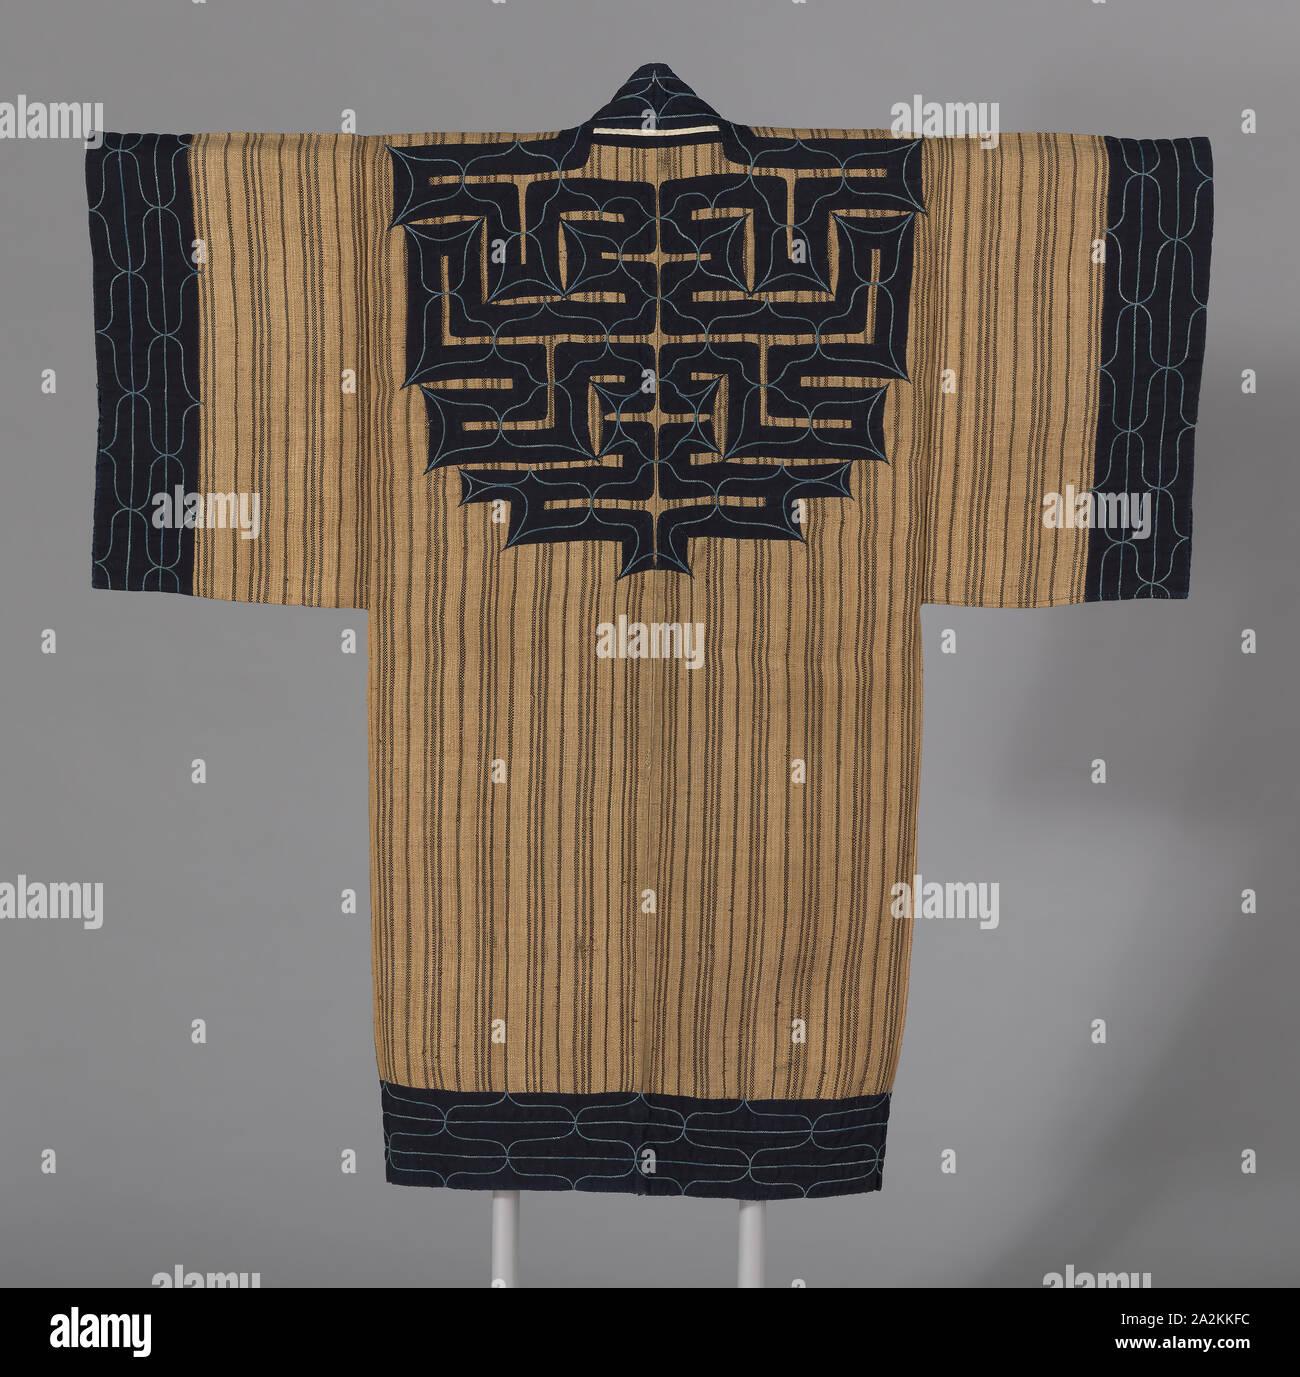 Attus Amip (Man's Coat), fin de la période Edo (1789-1868), ch. 1860, Ainu, le Japon, l'île d'Hokkaido, Japon, orme, à armure toile fibre de l'écorce, centre du dos et bords extérieurs toiles appliquées avec du coton, à armure toile, sur fond avec du coton, à armure toile, brodé avec du coton dans le cas de travaux et formuler, 140,3 x 132,8 cm (55 1/4 x 52 1/4 in Banque D'Images